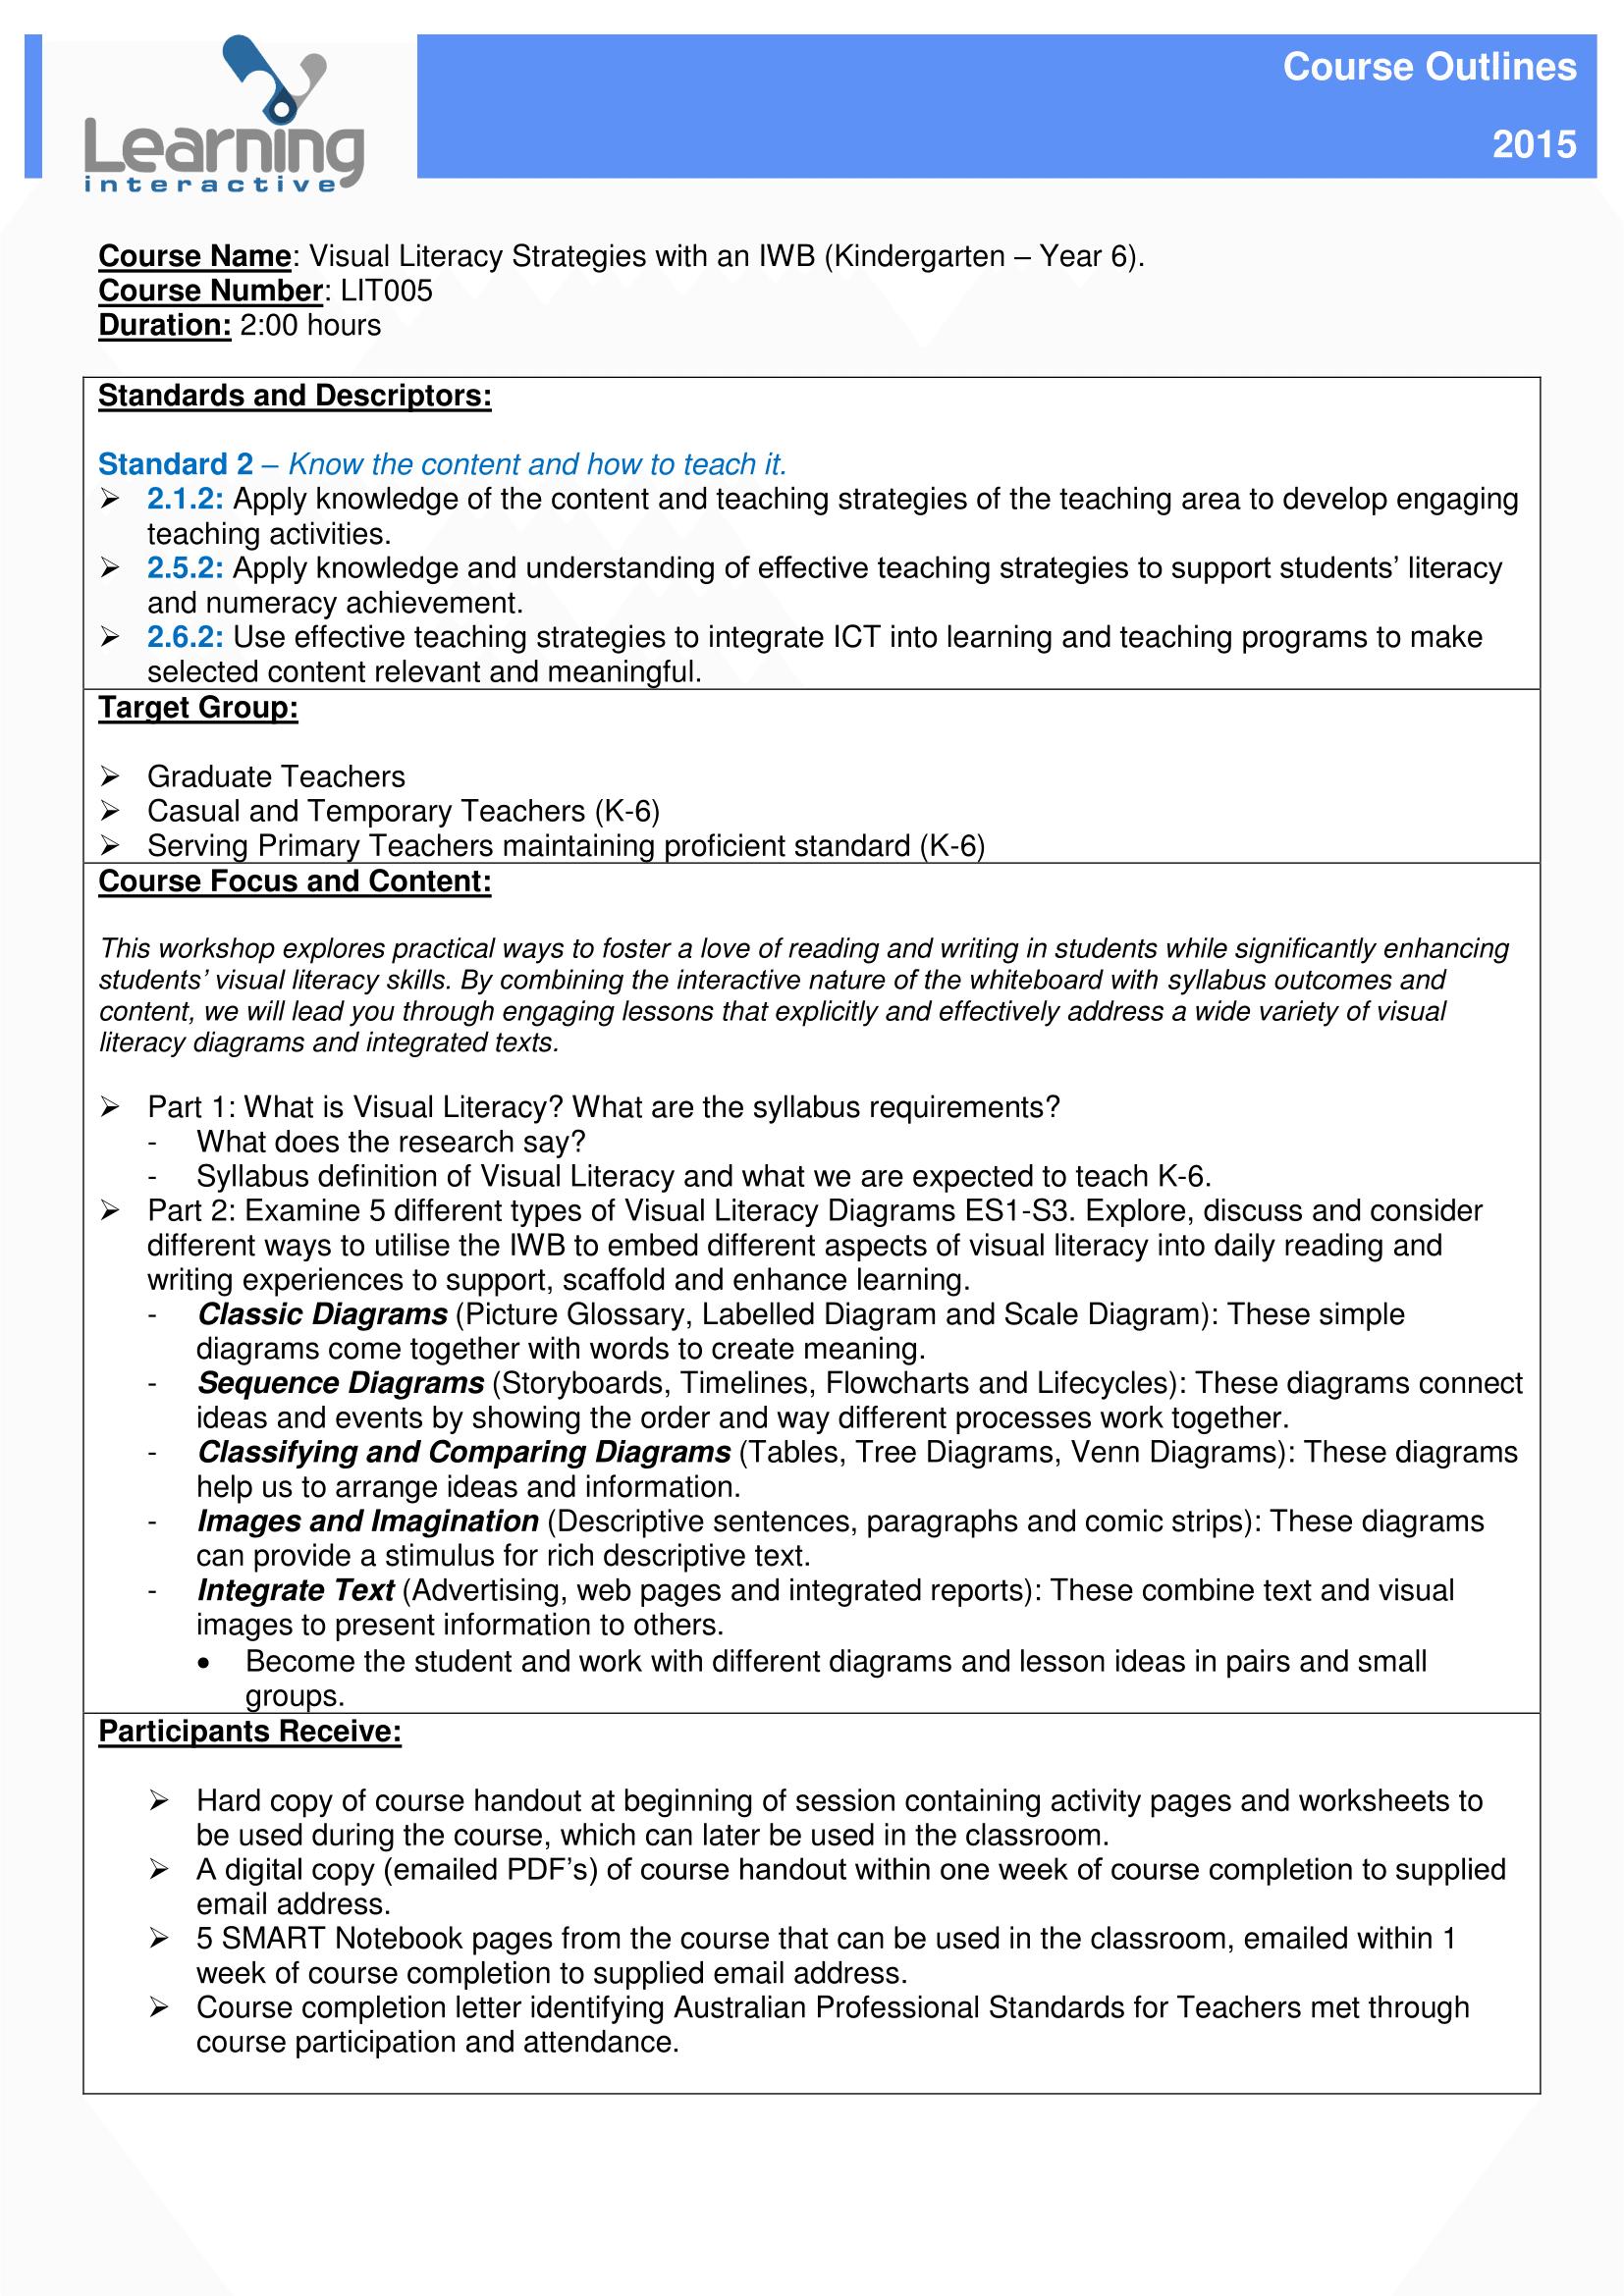 PD Course Overview - LIT005 - Vis Lit